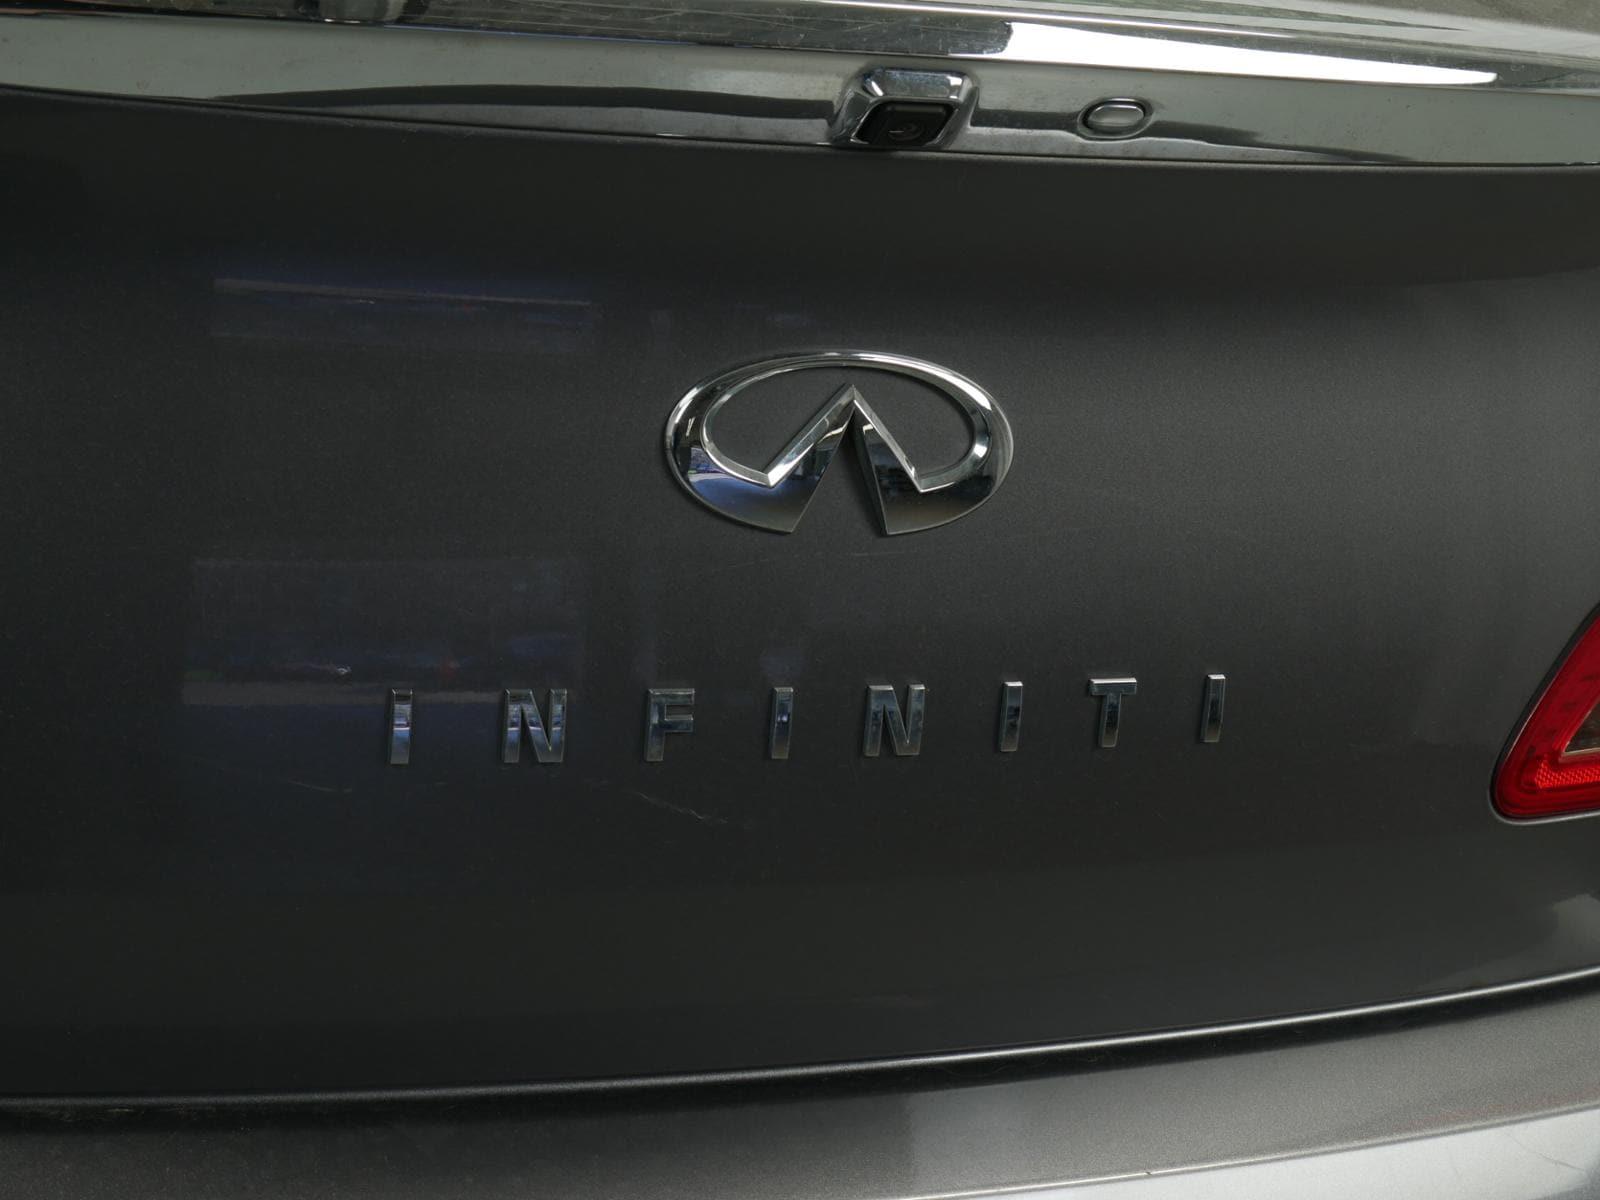 Used 2013 INFINITI G37 Sedan For Sale at Audi Minneapolis